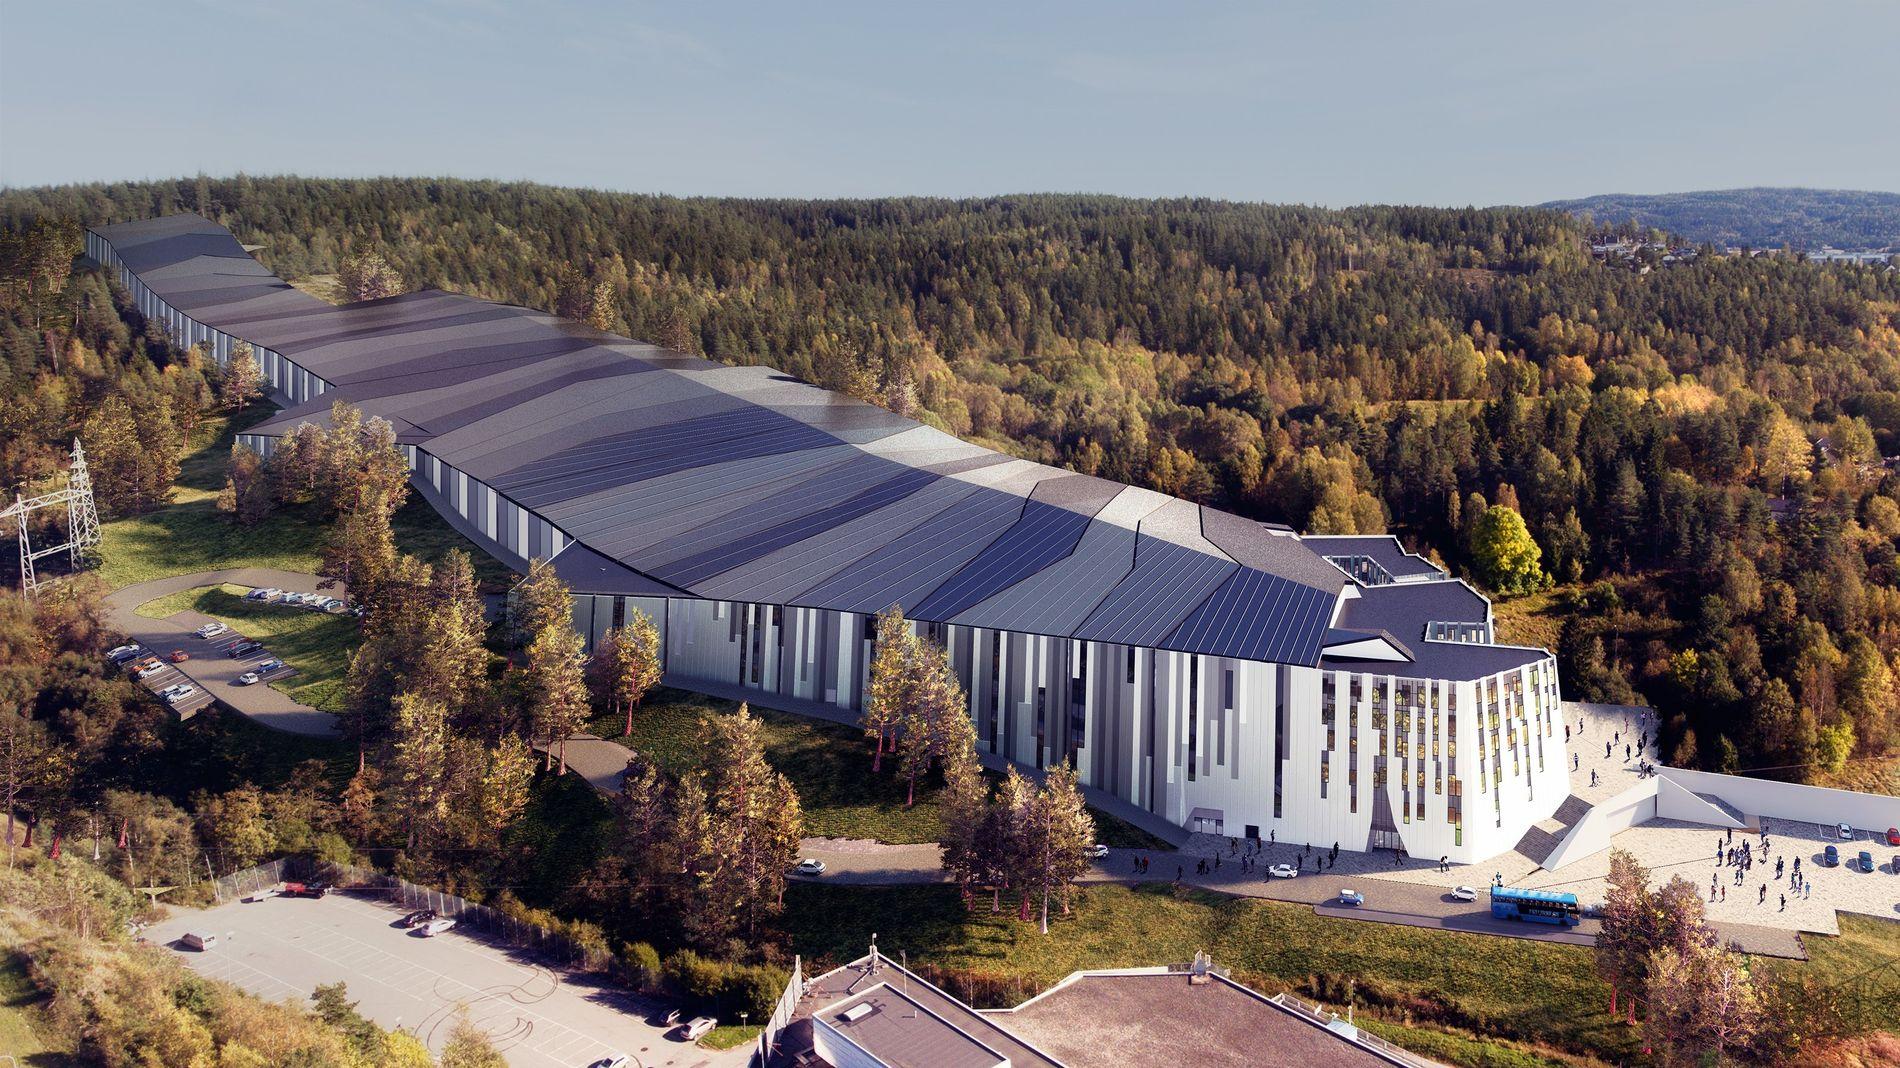 STORT OG DYRT: Skihallen skal bli på 40.000 kvadratmeter og har en total kostnadsramme på 3,5 milliarder kroner.